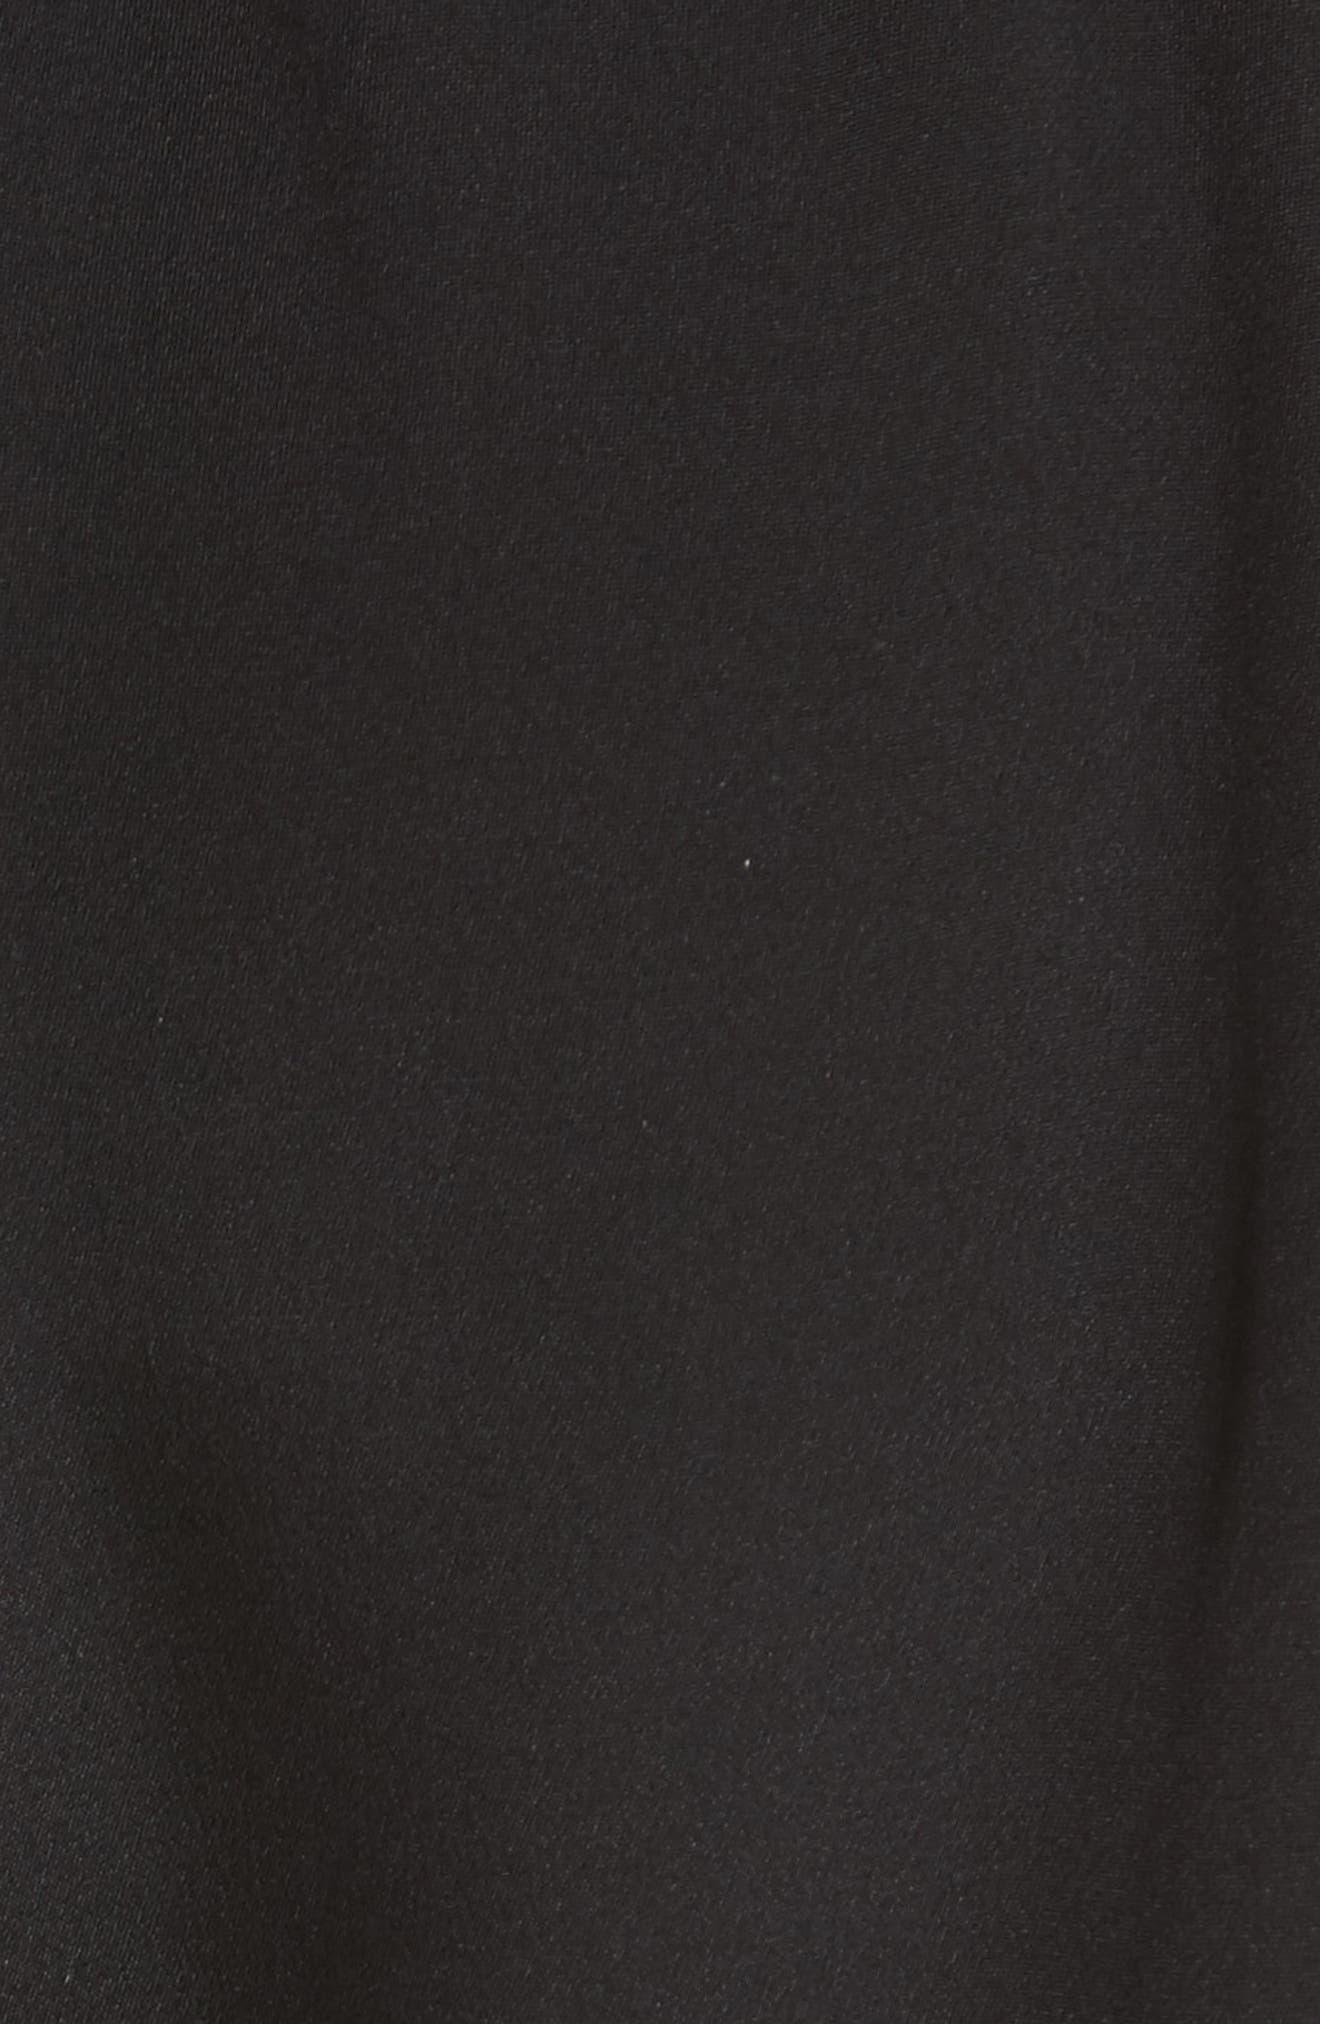 Elli Slim Leg Pants,                             Alternate thumbnail 5, color,                             Black